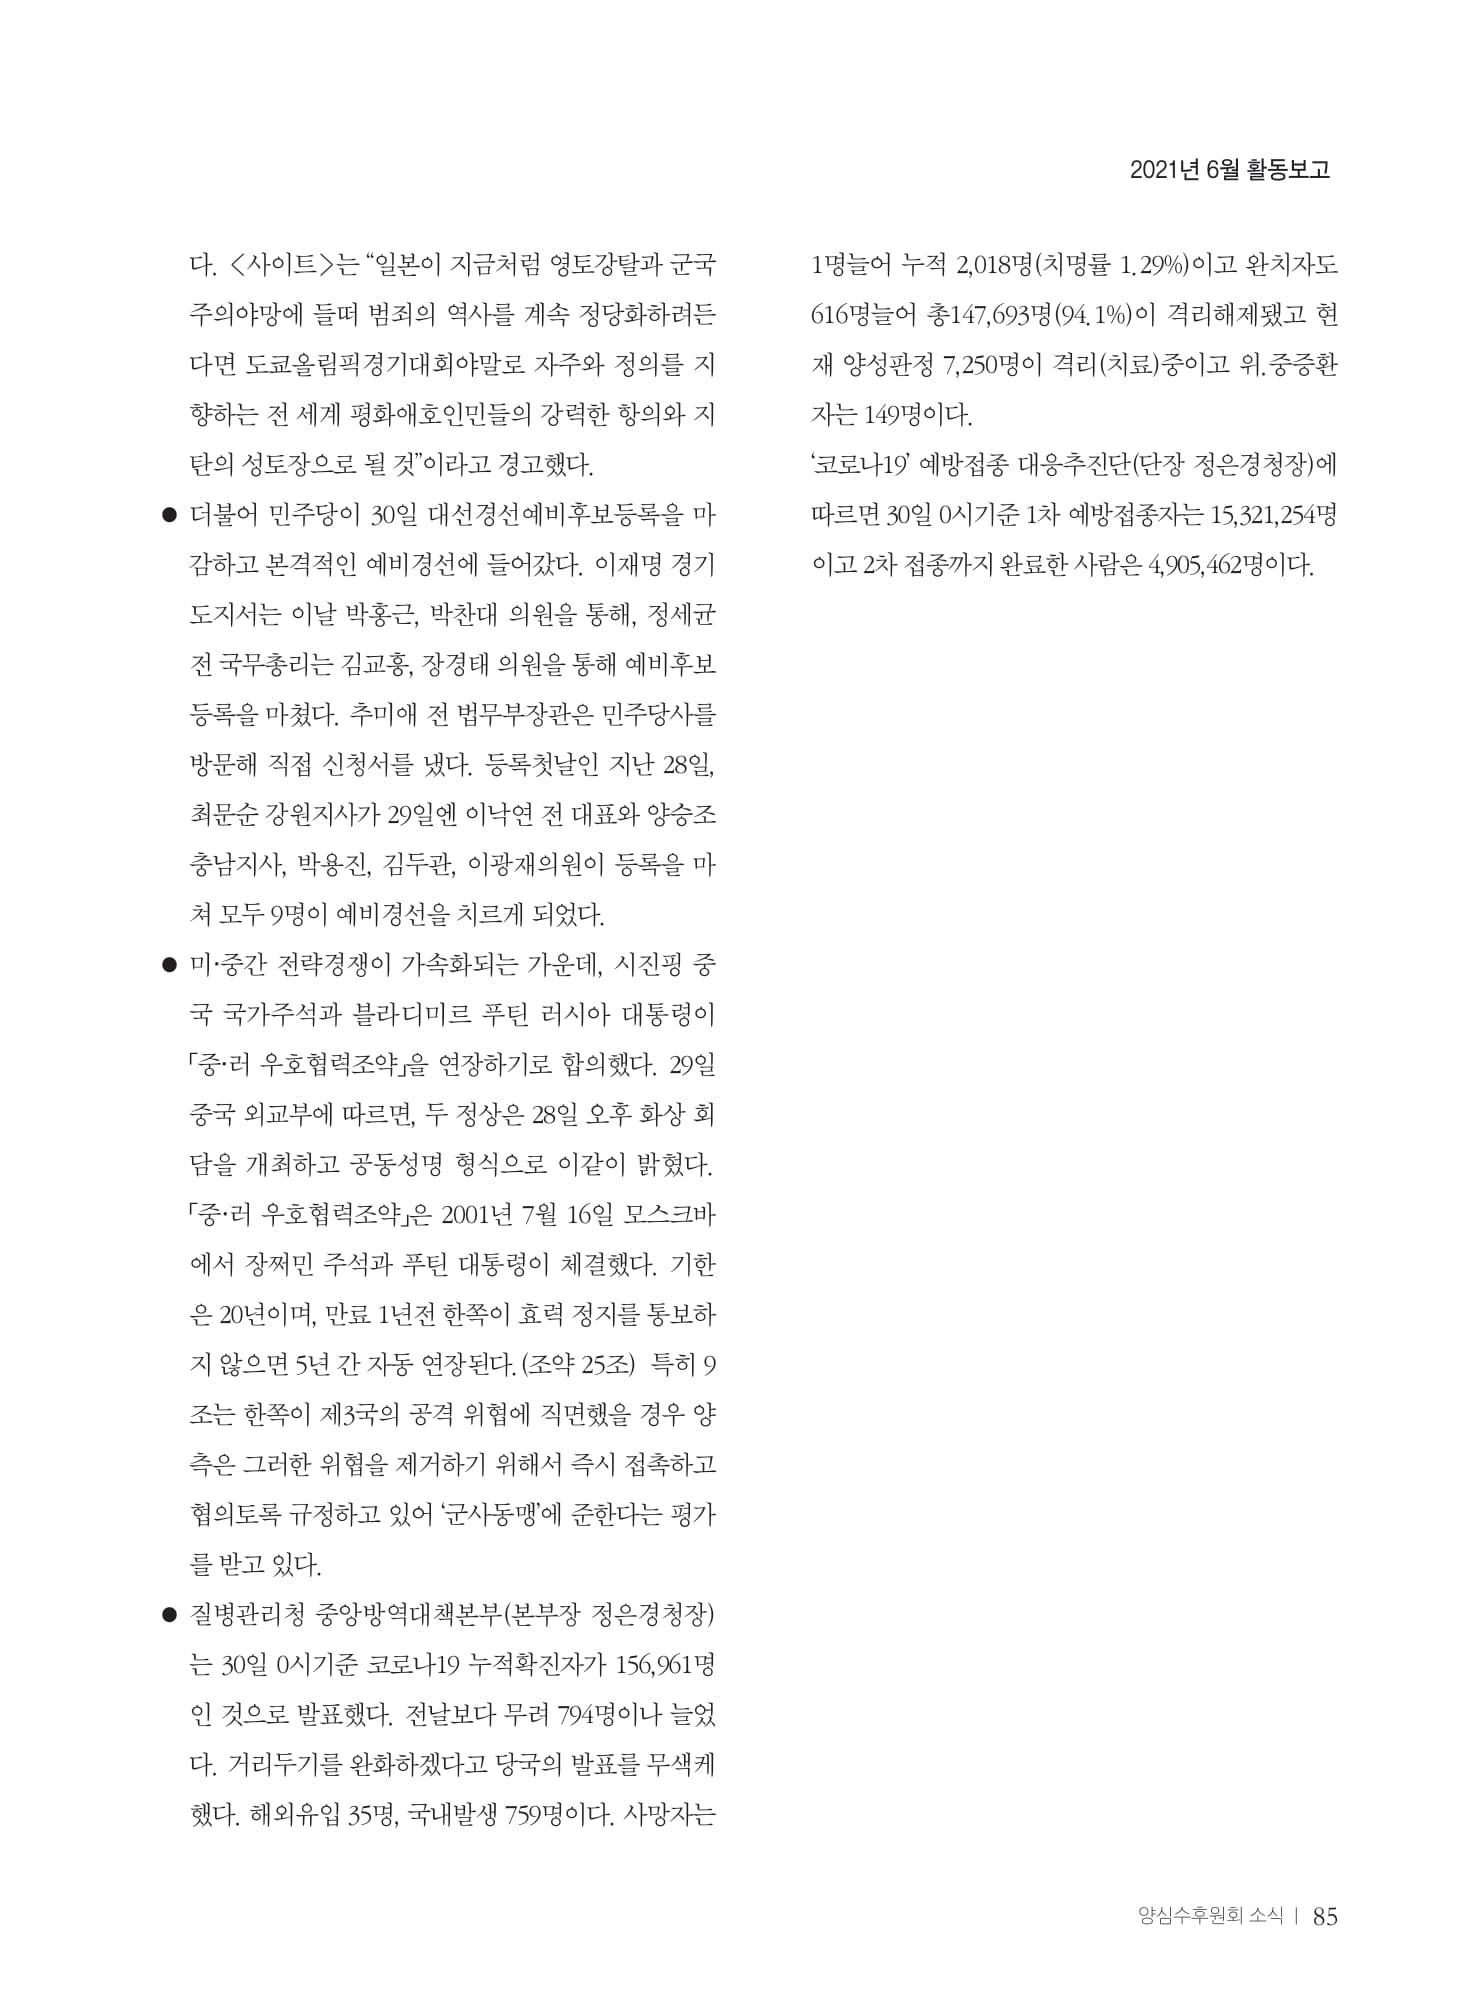 [양심수후원회] 소식지 354호 web 수정-87.jpg